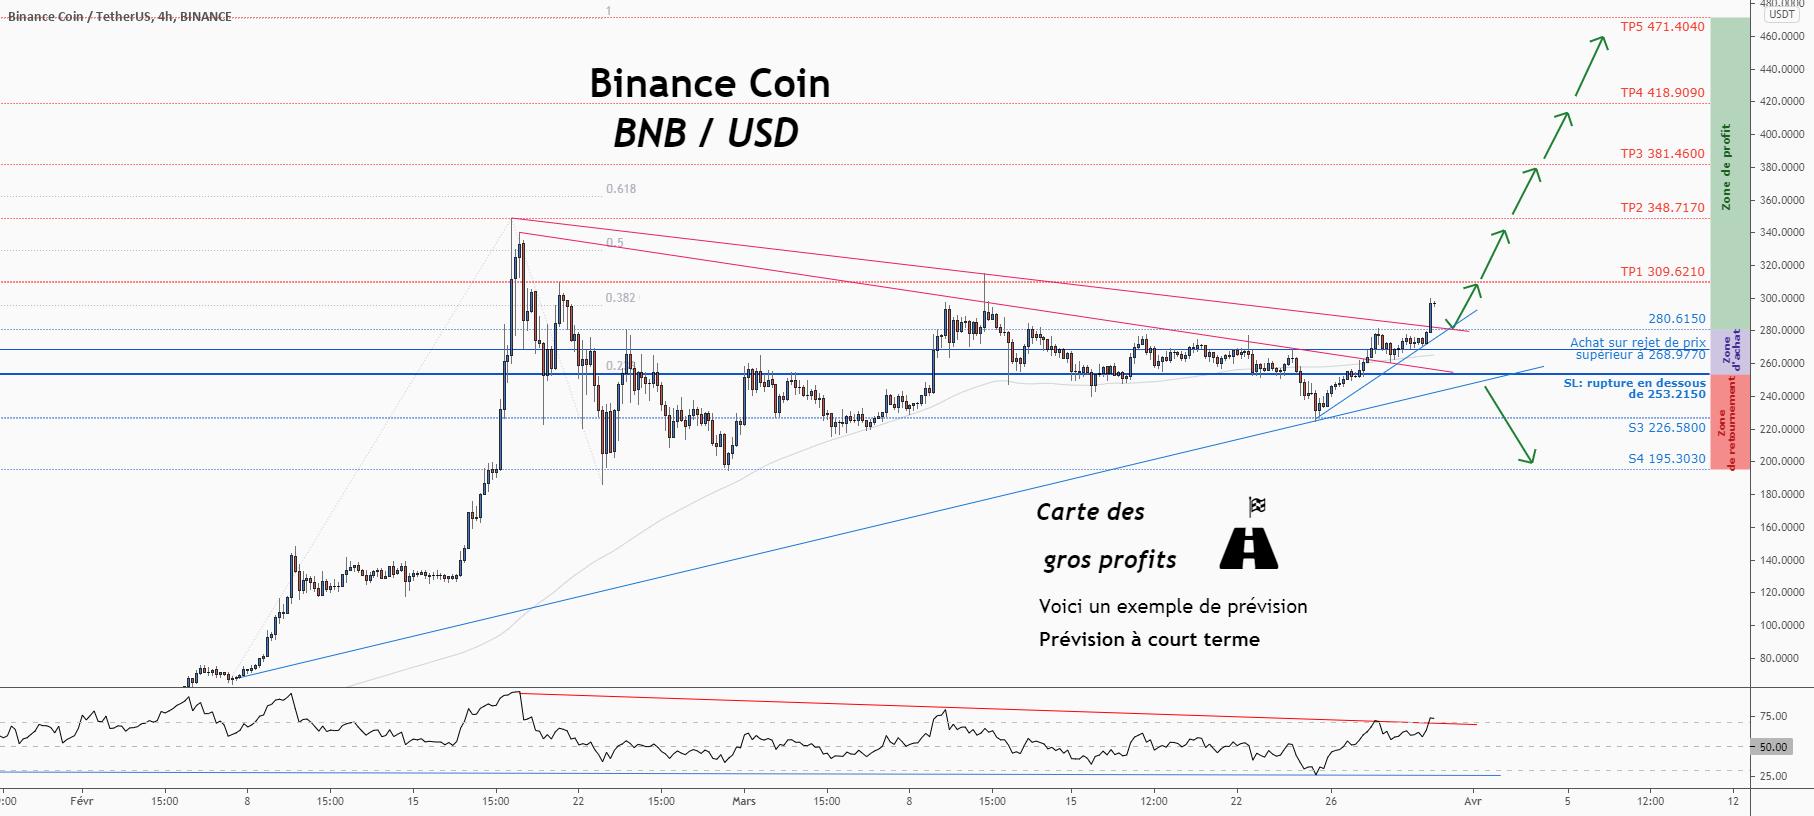 💡C'est une grande opportunité d'achat sur BNBUSD pour BINANCE:BNBUSDT par ForecastCity_Francais